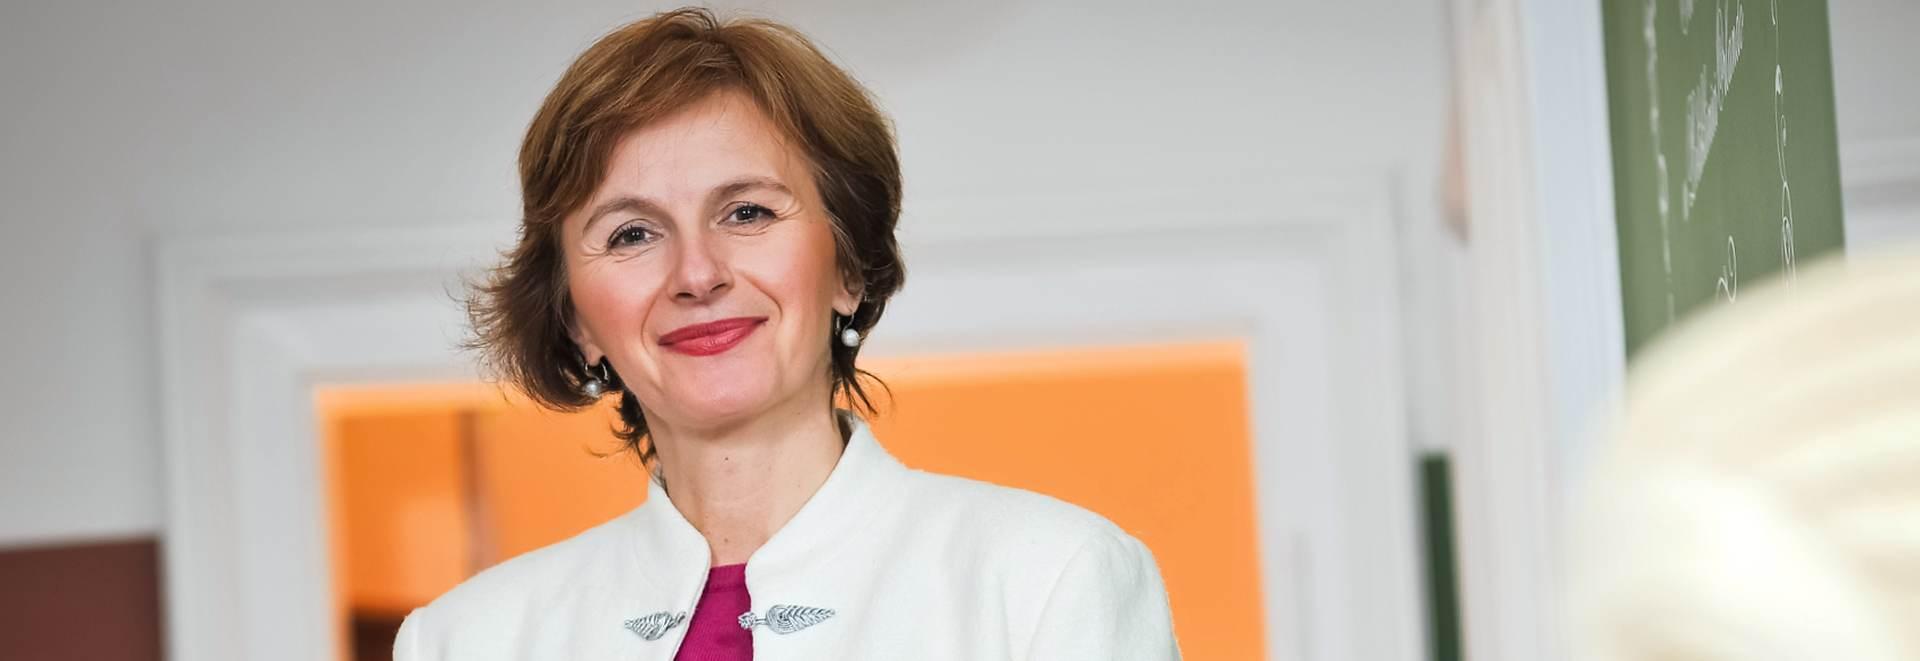 Sanja Toljan: 'Našim političarima fali testosterona i zato nemaju zdrave pameti da sastave vladu'